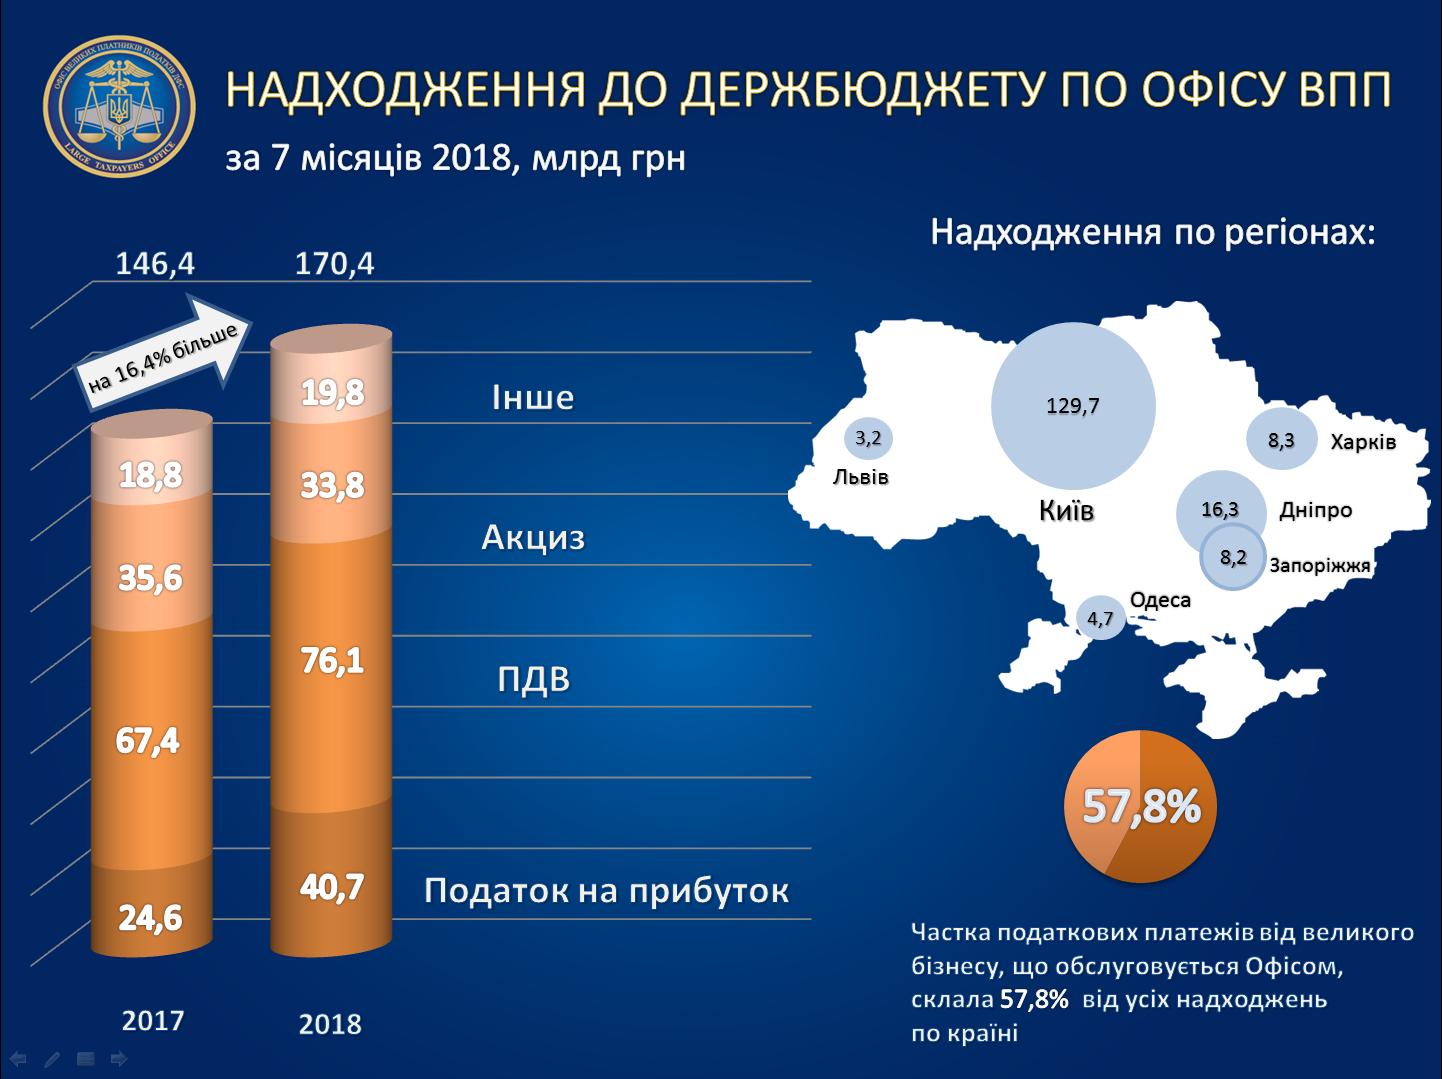 Крупный бизнес Украины резко увеличил уплату налогов